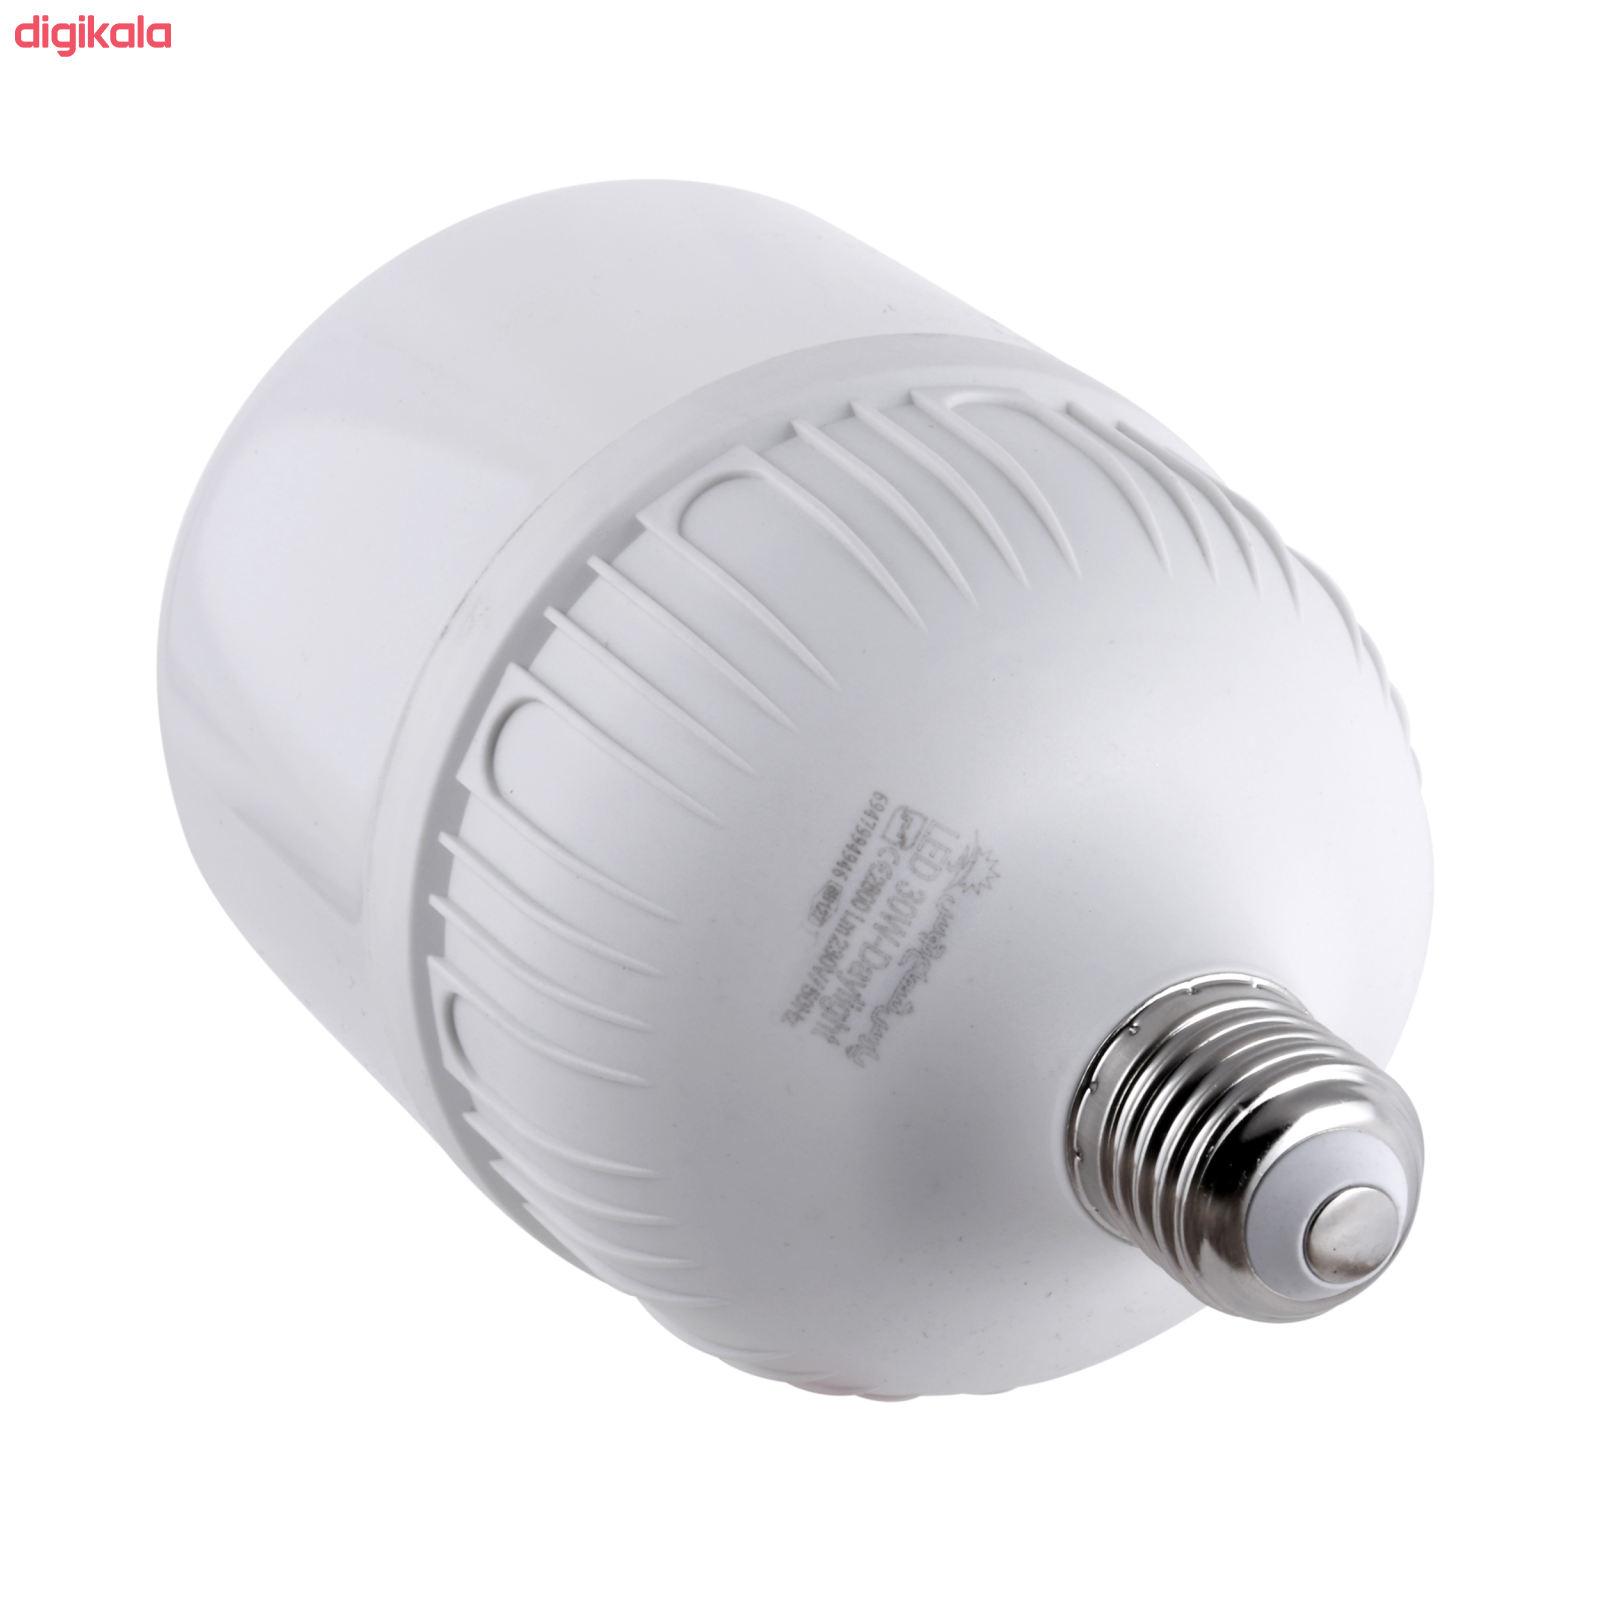 لامپ ال ای دی 30 وات پارس شعاع توس مدل CY30 پایه E27 main 1 1